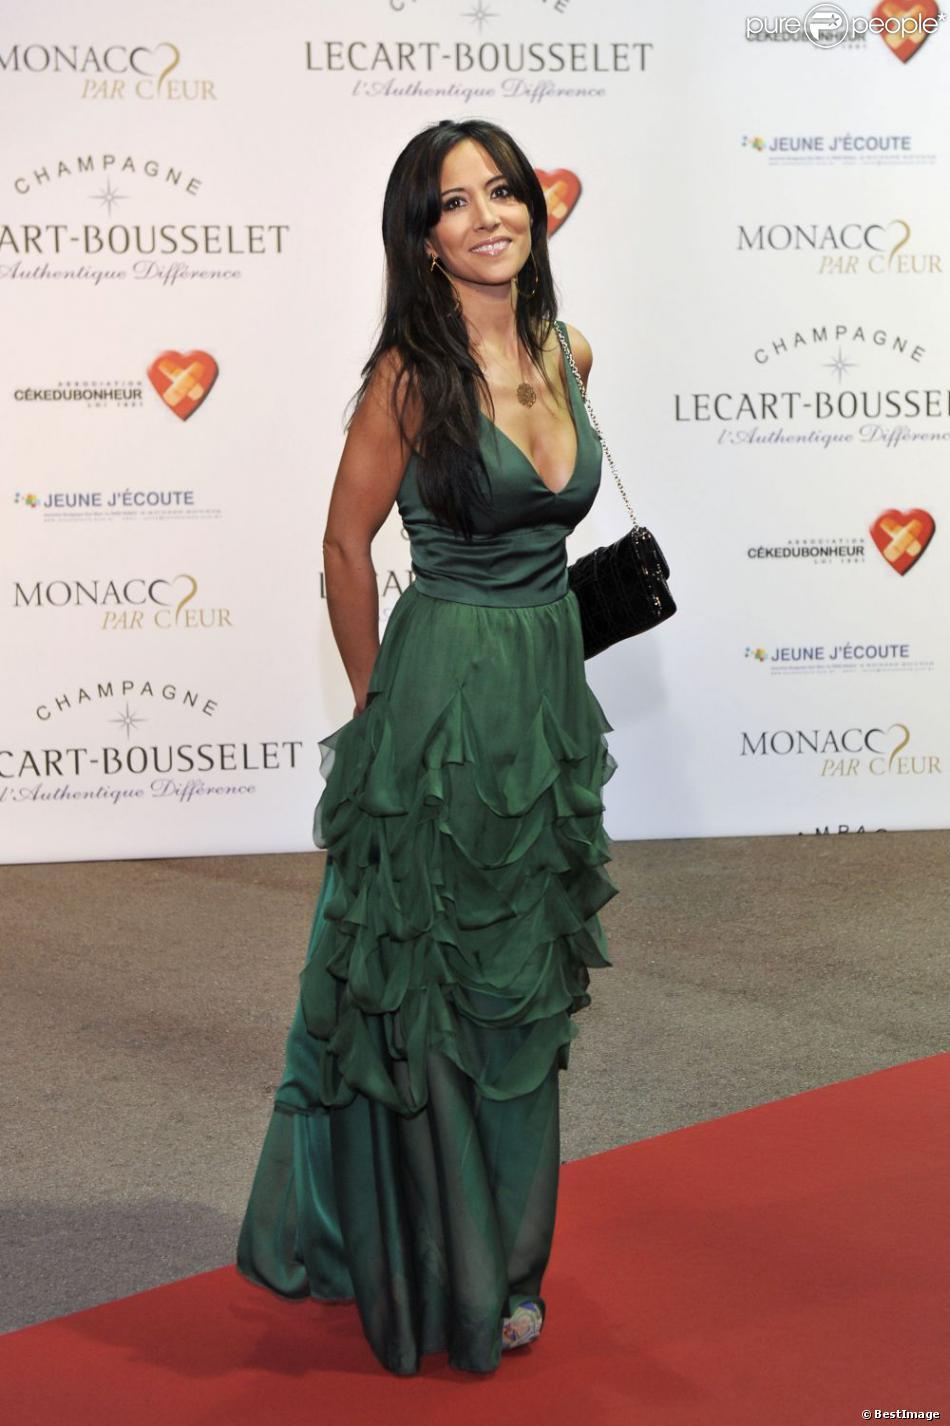 Fabienne Carat en septembre 2012 à Monaco